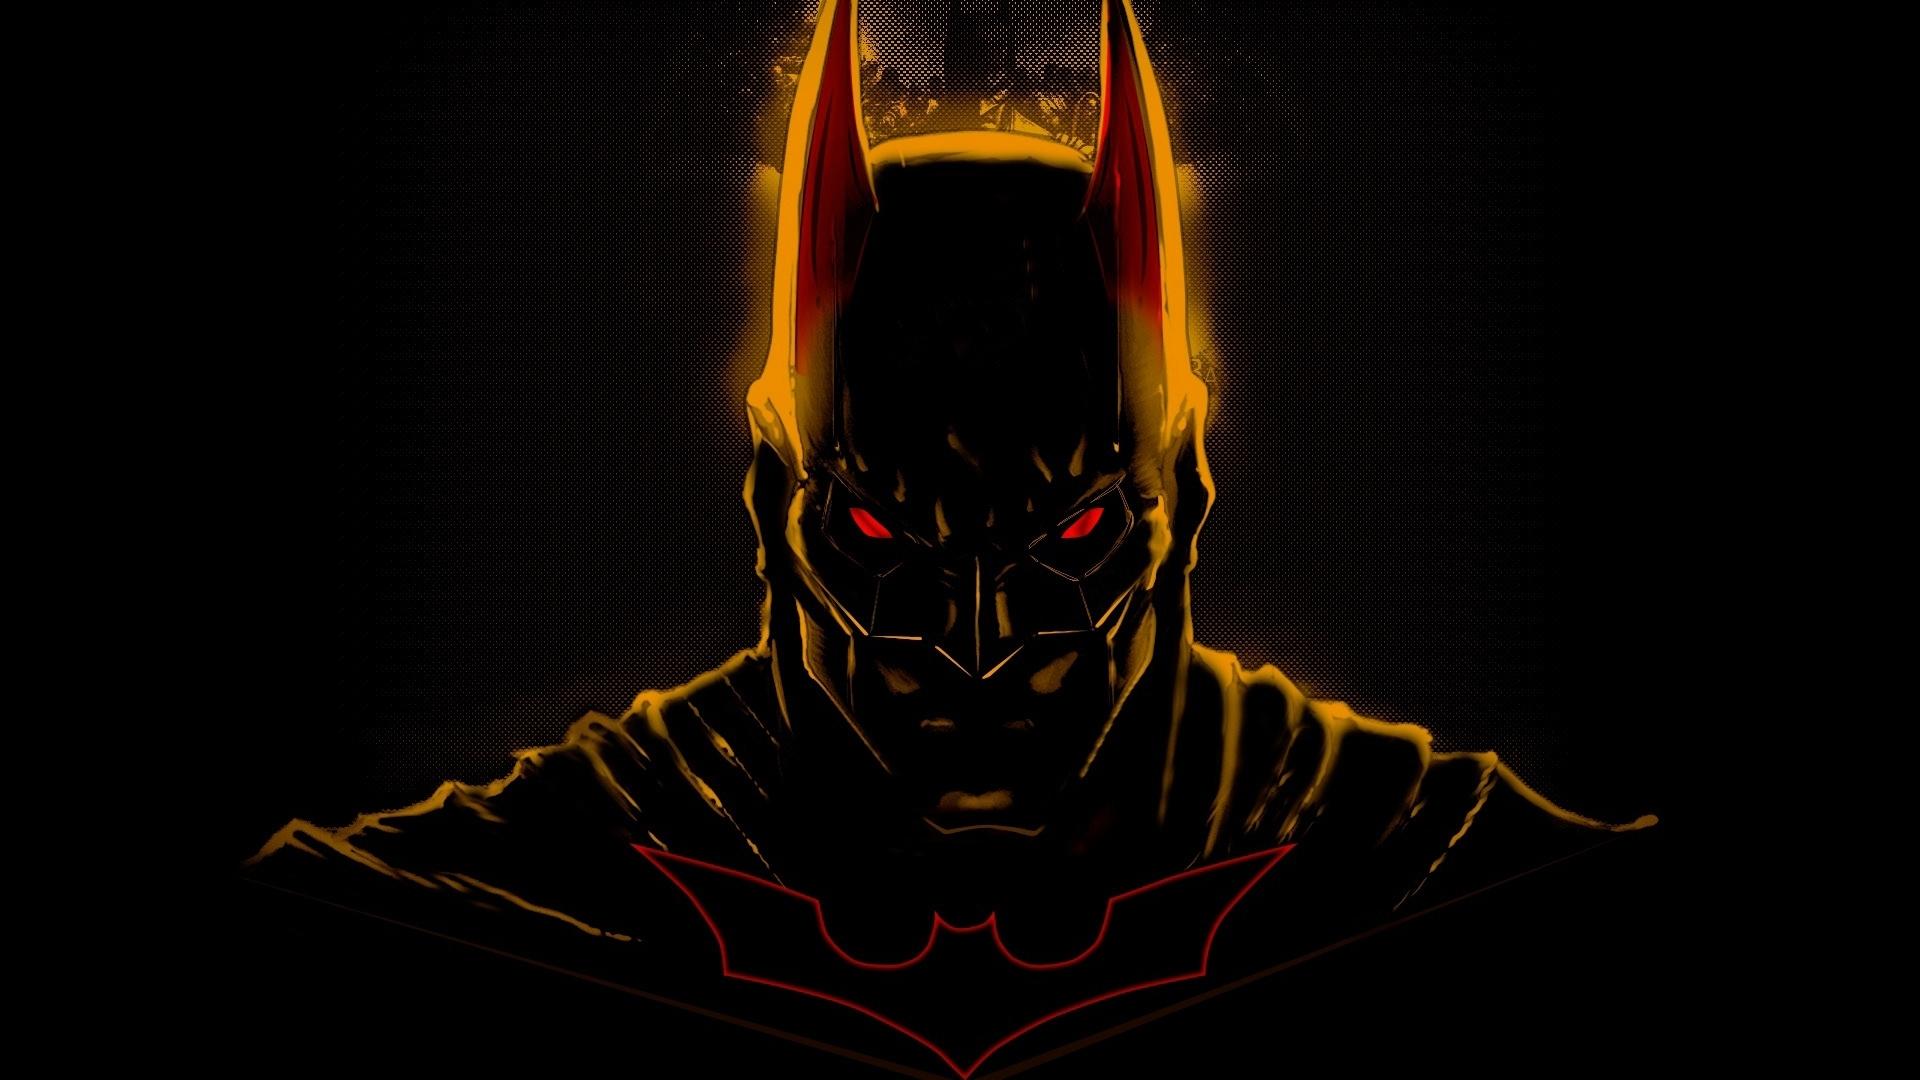 1920x1080 Evil Batman 1080P Laptop Full HD Wallpaper, HD ...